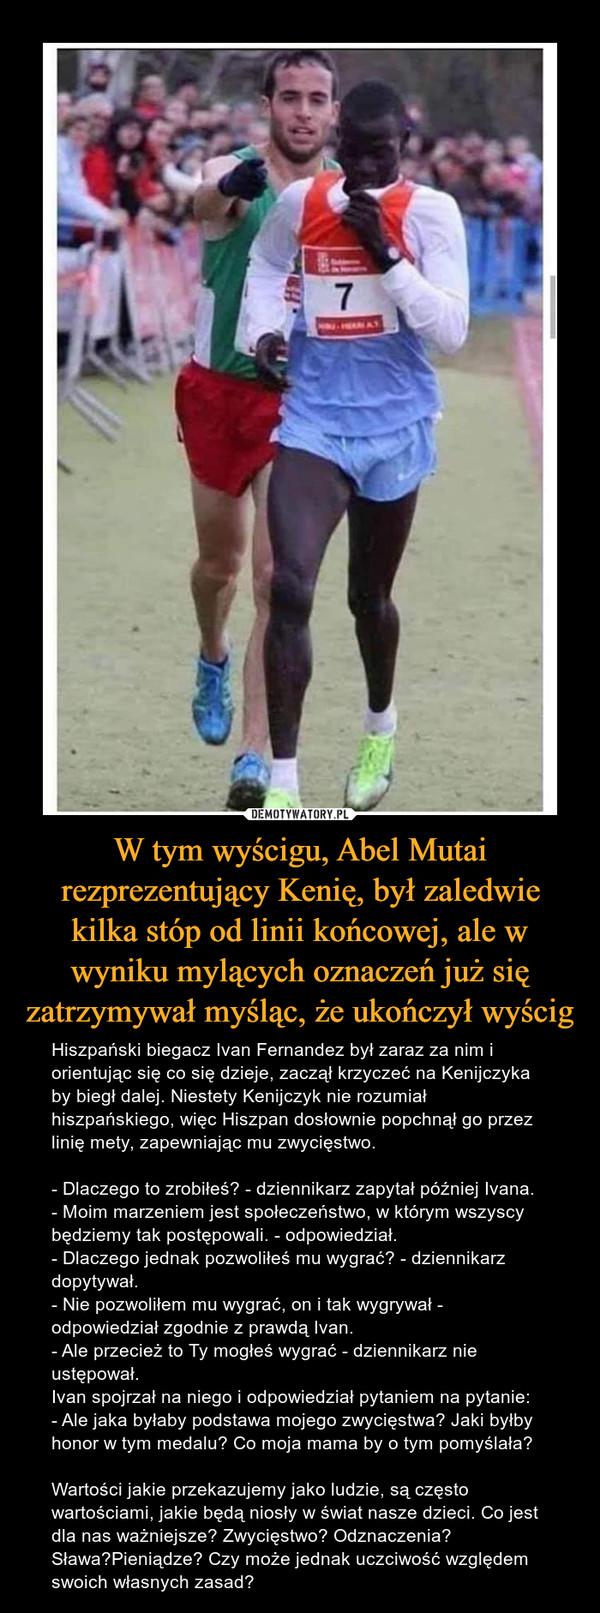 W tym wyścigu, Abel Mutai rezprezentujący Kenię, był zaledwie kilka stóp od linii końcowej, ale w wyniku mylących oznaczeń już się zatrzymywał myśląc, że ukończył wyścig – Hiszpański biegacz Ivan Fernandez był zaraz za nim i orientując się co się dzieje, zaczął krzyczeć na Kenijczyka by biegł dalej. Niestety Kenijczyk nie rozumiał hiszpańskiego, więc Hiszpan dosłownie popchnął go przez linię mety, zapewniając mu zwycięstwo.- Dlaczego to zrobiłeś? - dziennikarz zapytał później Ivana.- Moim marzeniem jest społeczeństwo, w którym wszyscy będziemy tak postępowali. - odpowiedział.- Dlaczego jednak pozwoliłeś mu wygrać? - dziennikarz dopytywał.- Nie pozwoliłem mu wygrać, on i tak wygrywał - odpowiedział zgodnie z prawdą Ivan.- Ale przecież to Ty mogłeś wygrać - dziennikarz nie ustępował.Ivan spojrzał na niego i odpowiedział pytaniem na pytanie:- Ale jaka byłaby podstawa mojego zwycięstwa? Jaki byłby honor w tym medalu? Co moja mama by o tym pomyślała?Wartości jakie przekazujemy jako ludzie, są często wartościami, jakie będą niosły w świat nasze dzieci. Co jest dla nas ważniejsze? Zwycięstwo? Odznaczenia? Sława?Pieniądze? Czy może jednak uczciwość względem swoich własnych zasad?